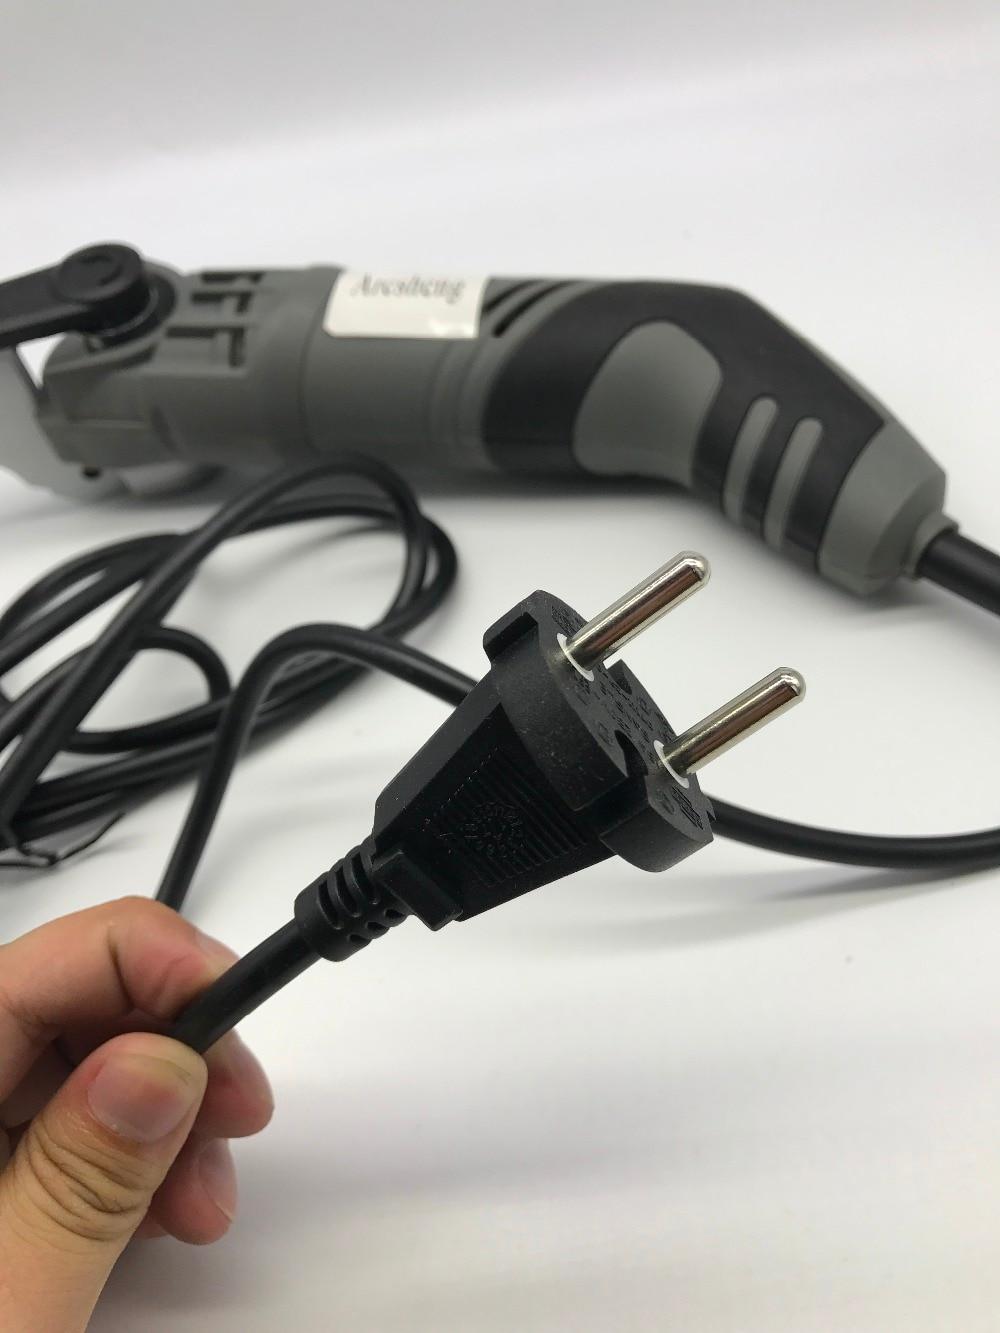 Pulidora de lijadoras de correa de tubo 220v, máquina de pulido - Herramientas eléctricas - foto 6